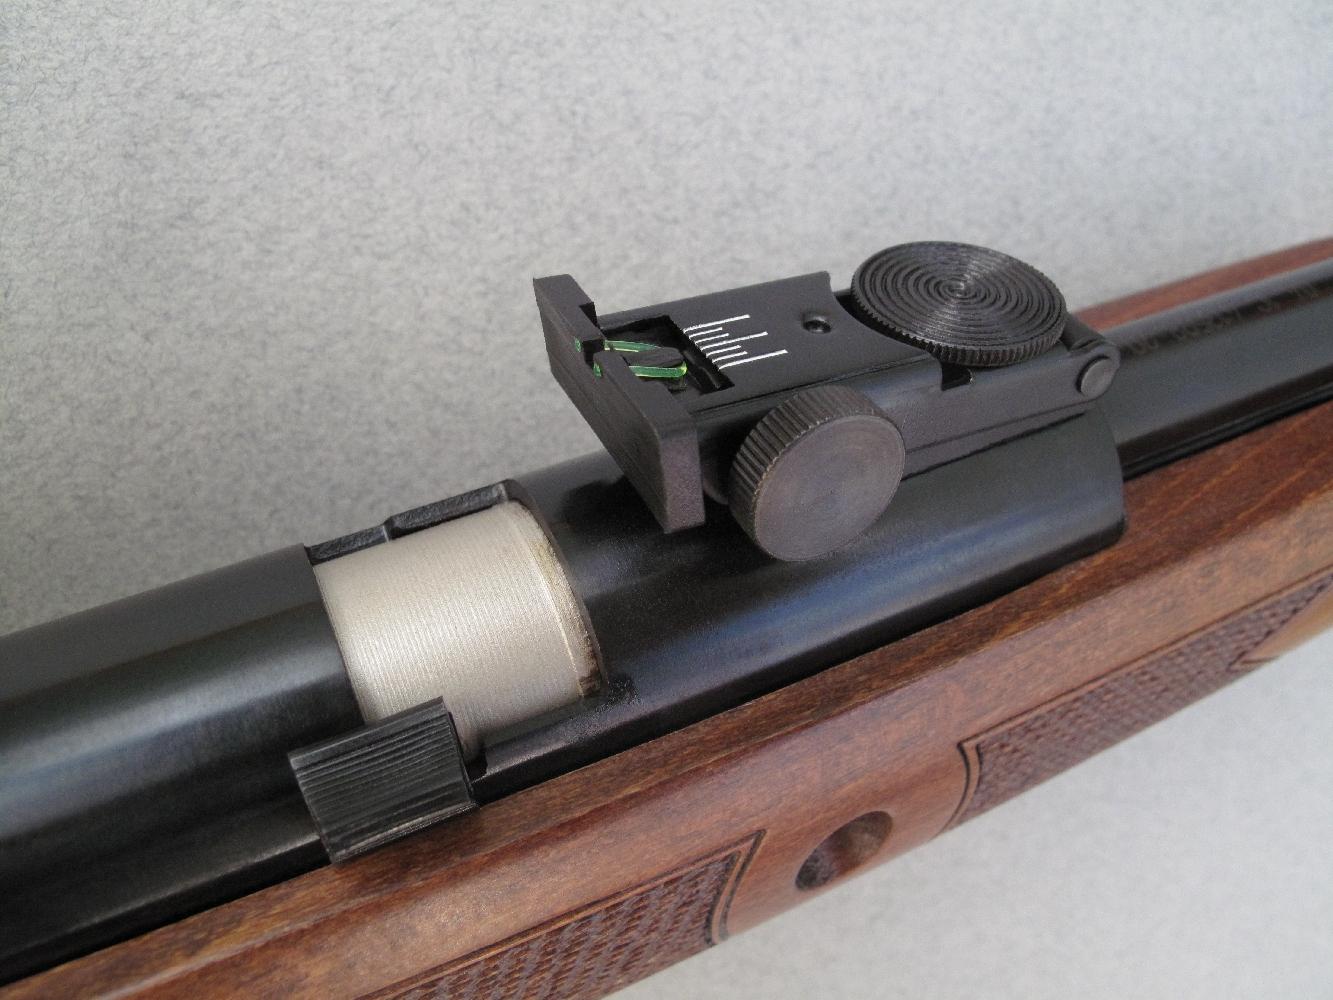 Le poussoir qui permet d'ouvrir la culasse pivotante reste verrouillé tant que le mécanisme n'a pas été armé.